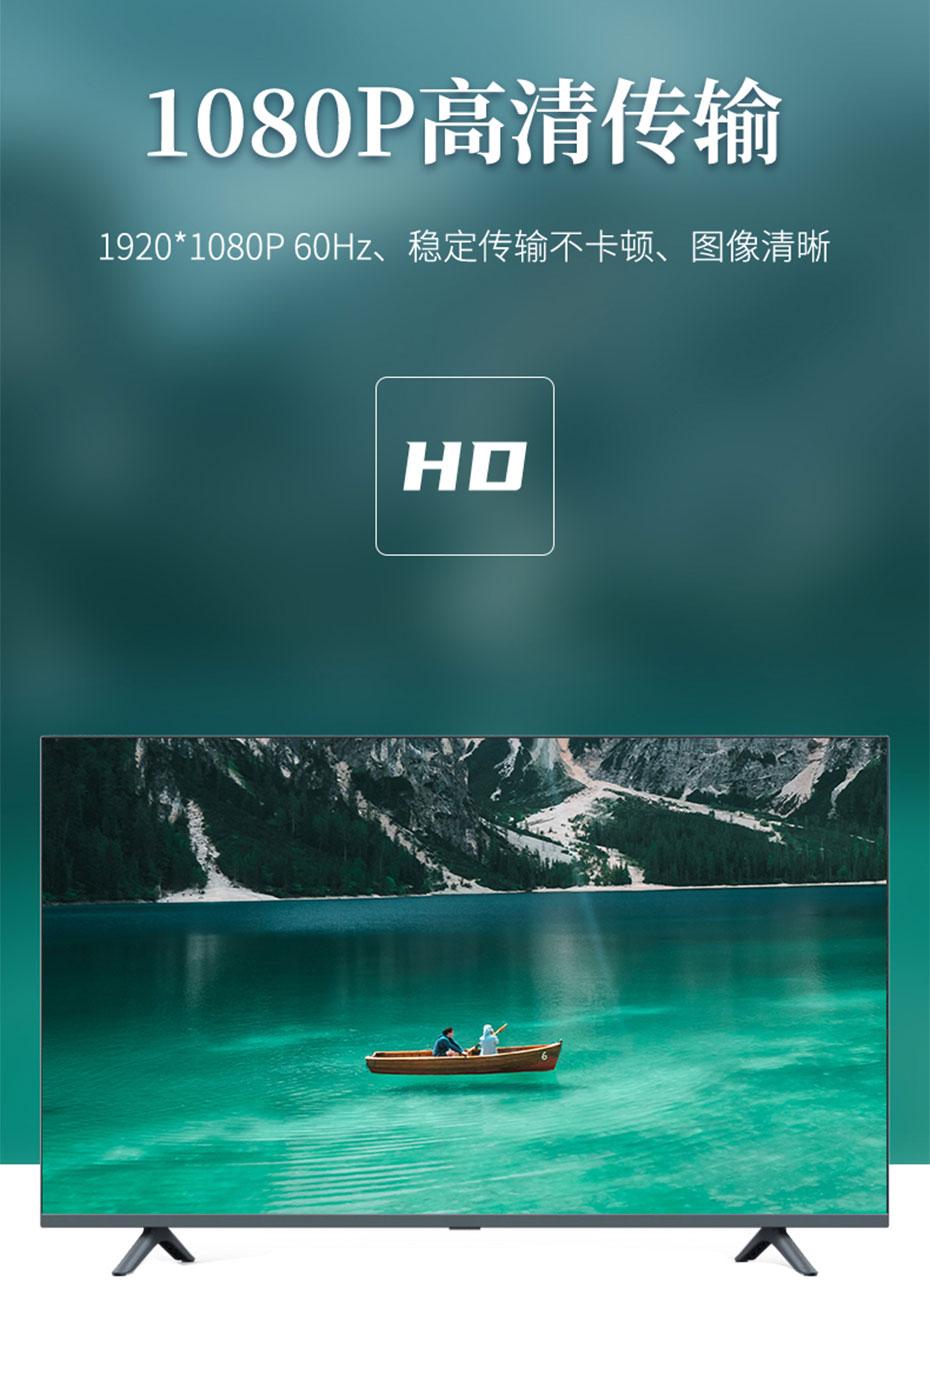 HDMI KVM光纤延长器HE001支持1920*1080p@60Hz高清分辨率